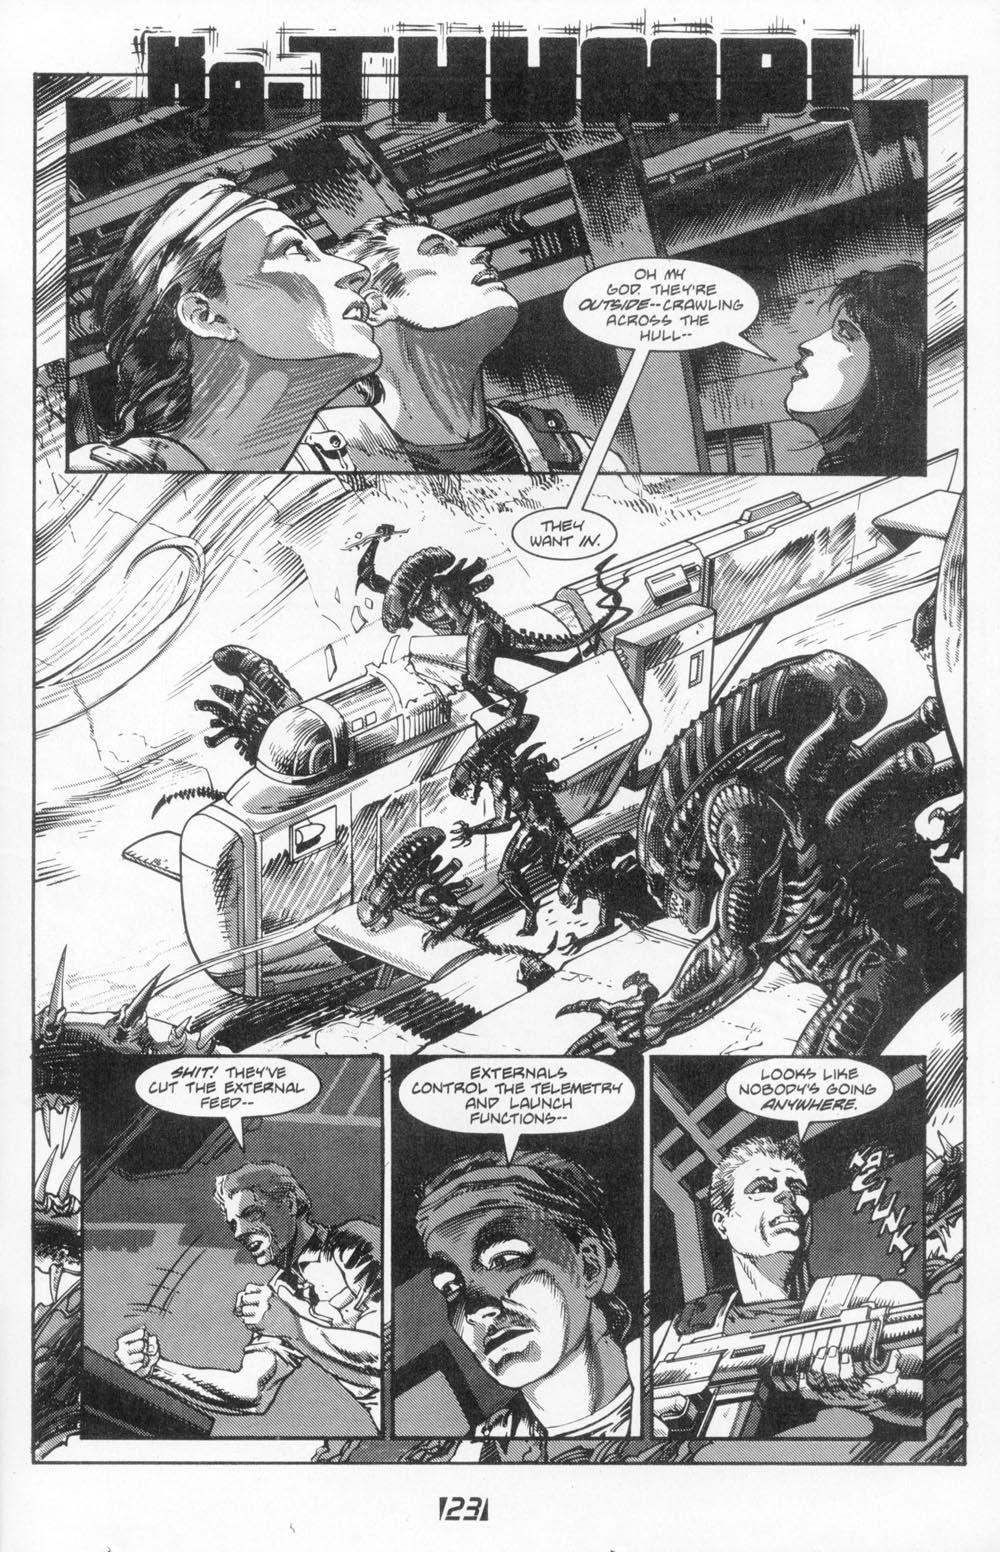 Жуткие комиксы про Чужих, откоторых кровь стынет вжилах. - Изображение 8